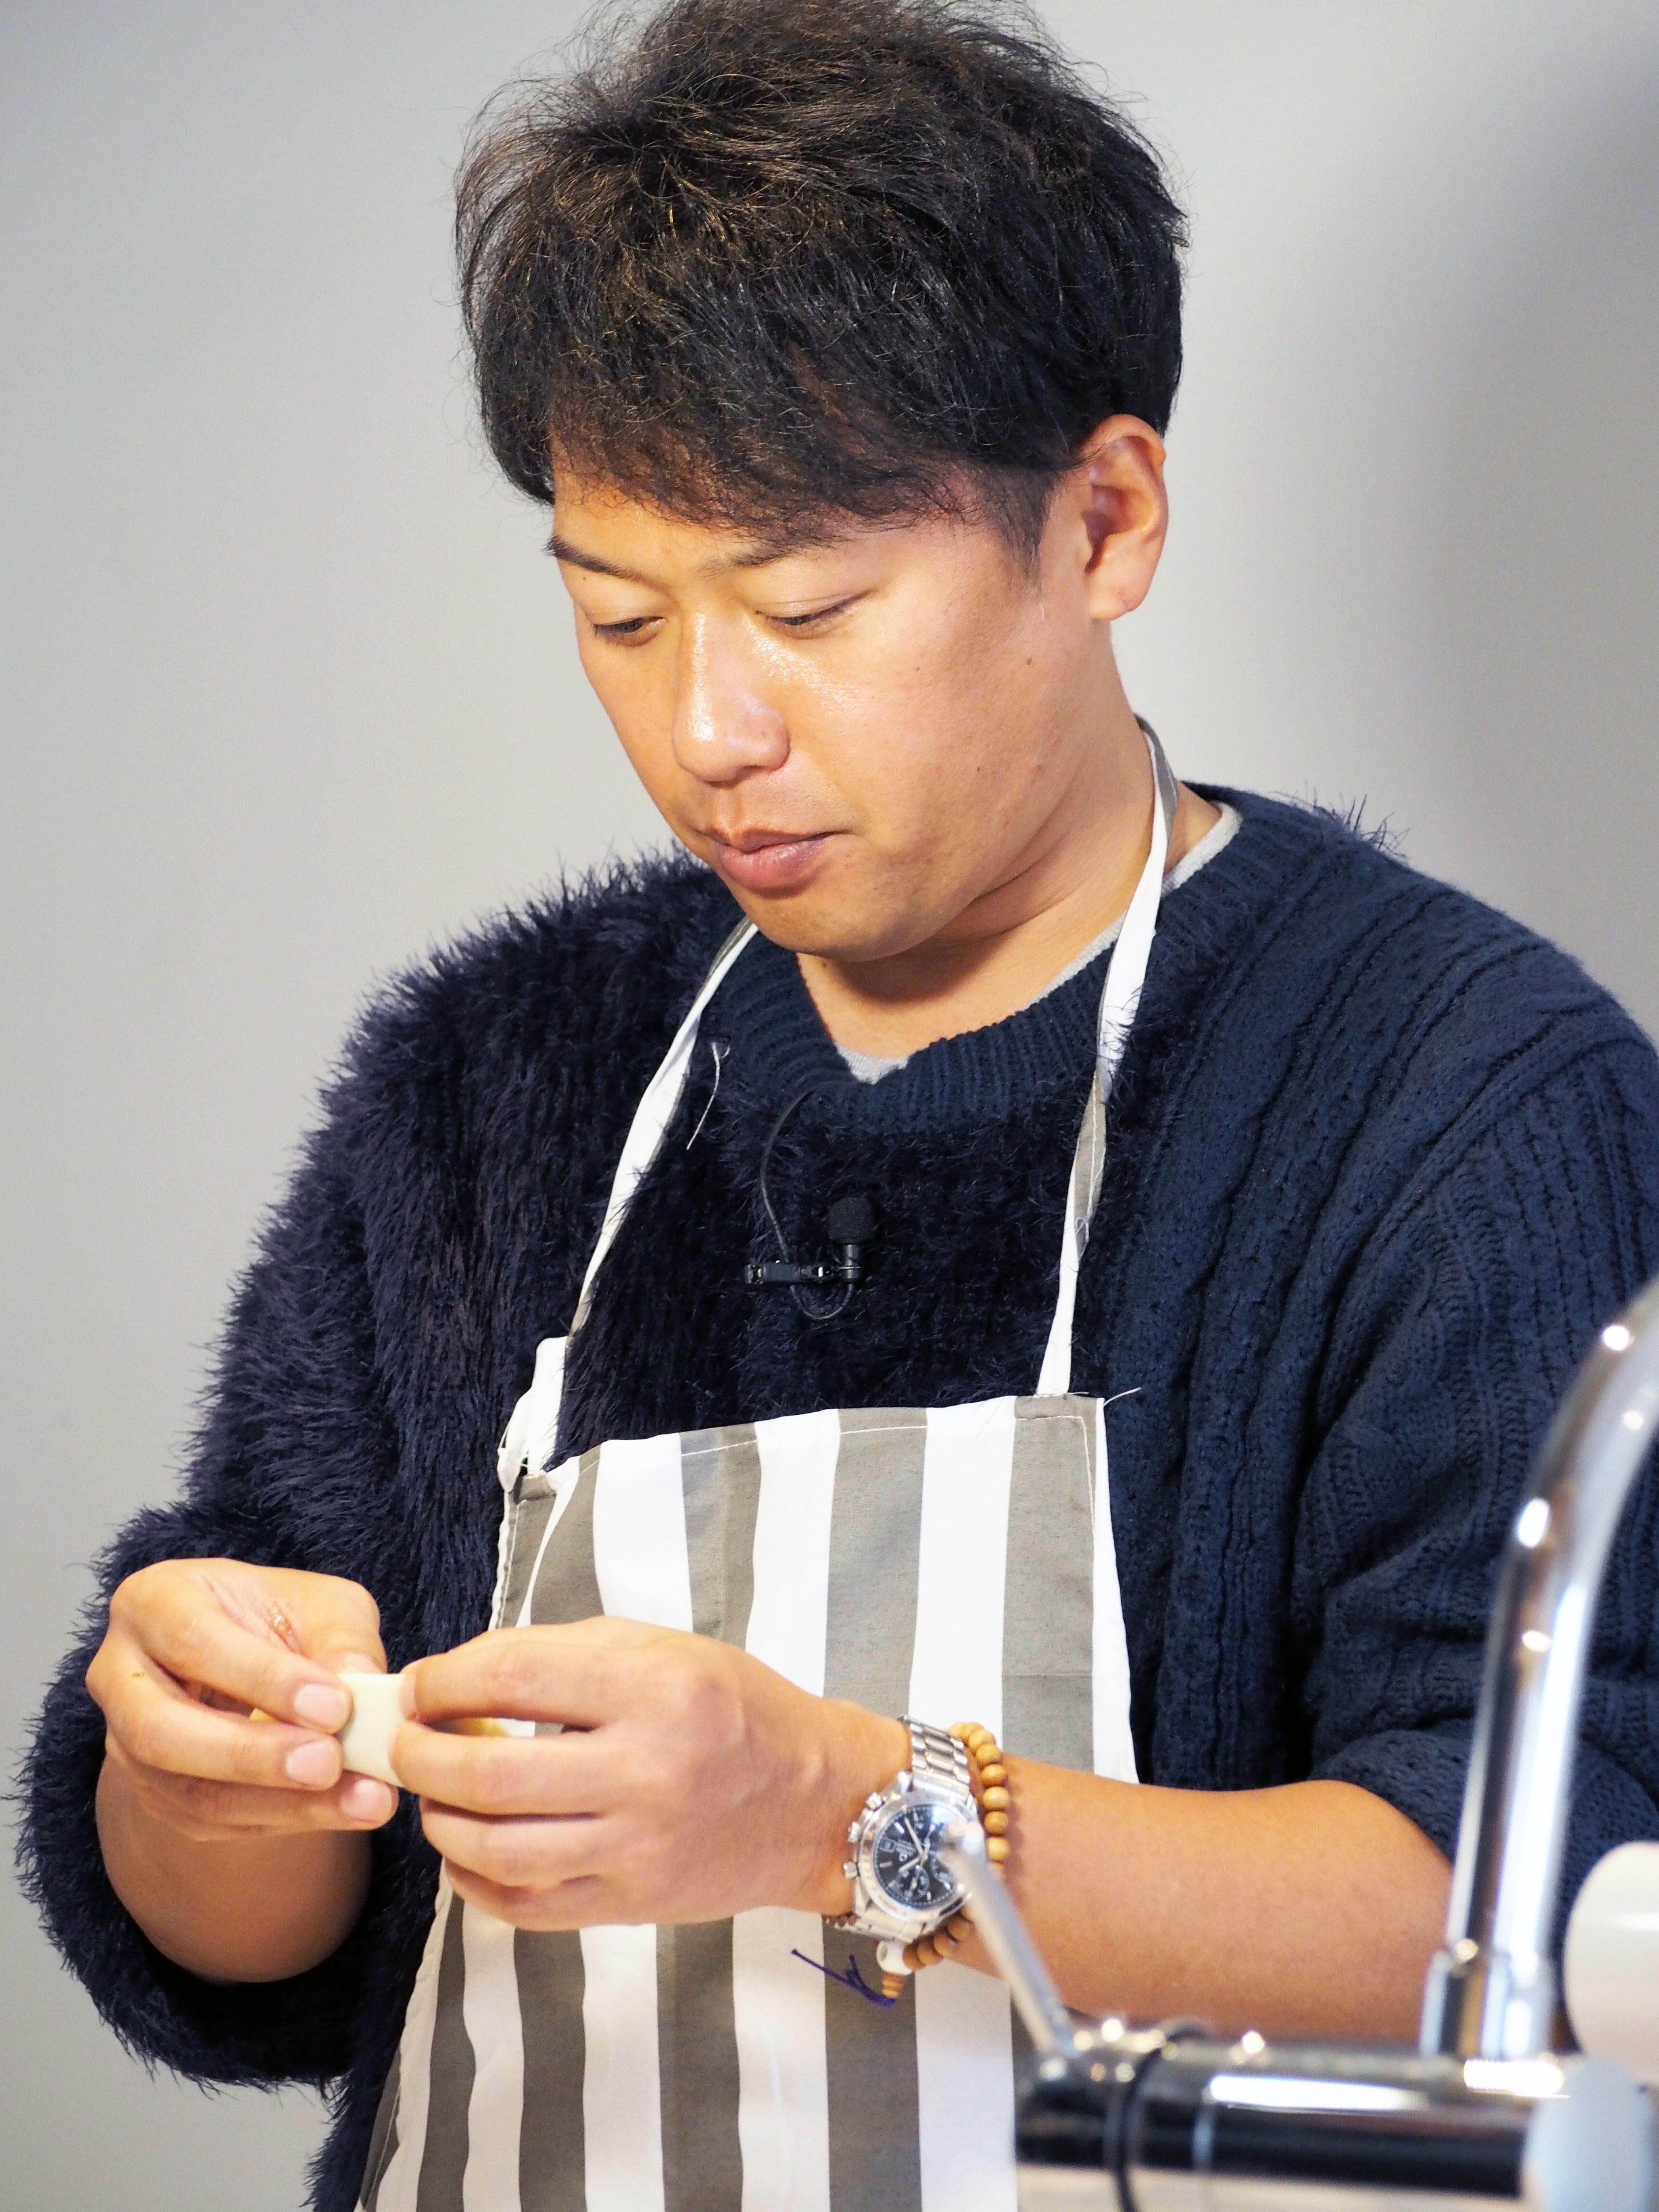 http://news.yoshimoto.co.jp/20180308010716-c6d91dc0ed56c58d65b545d36f3c1b91b6bc8781.jpg